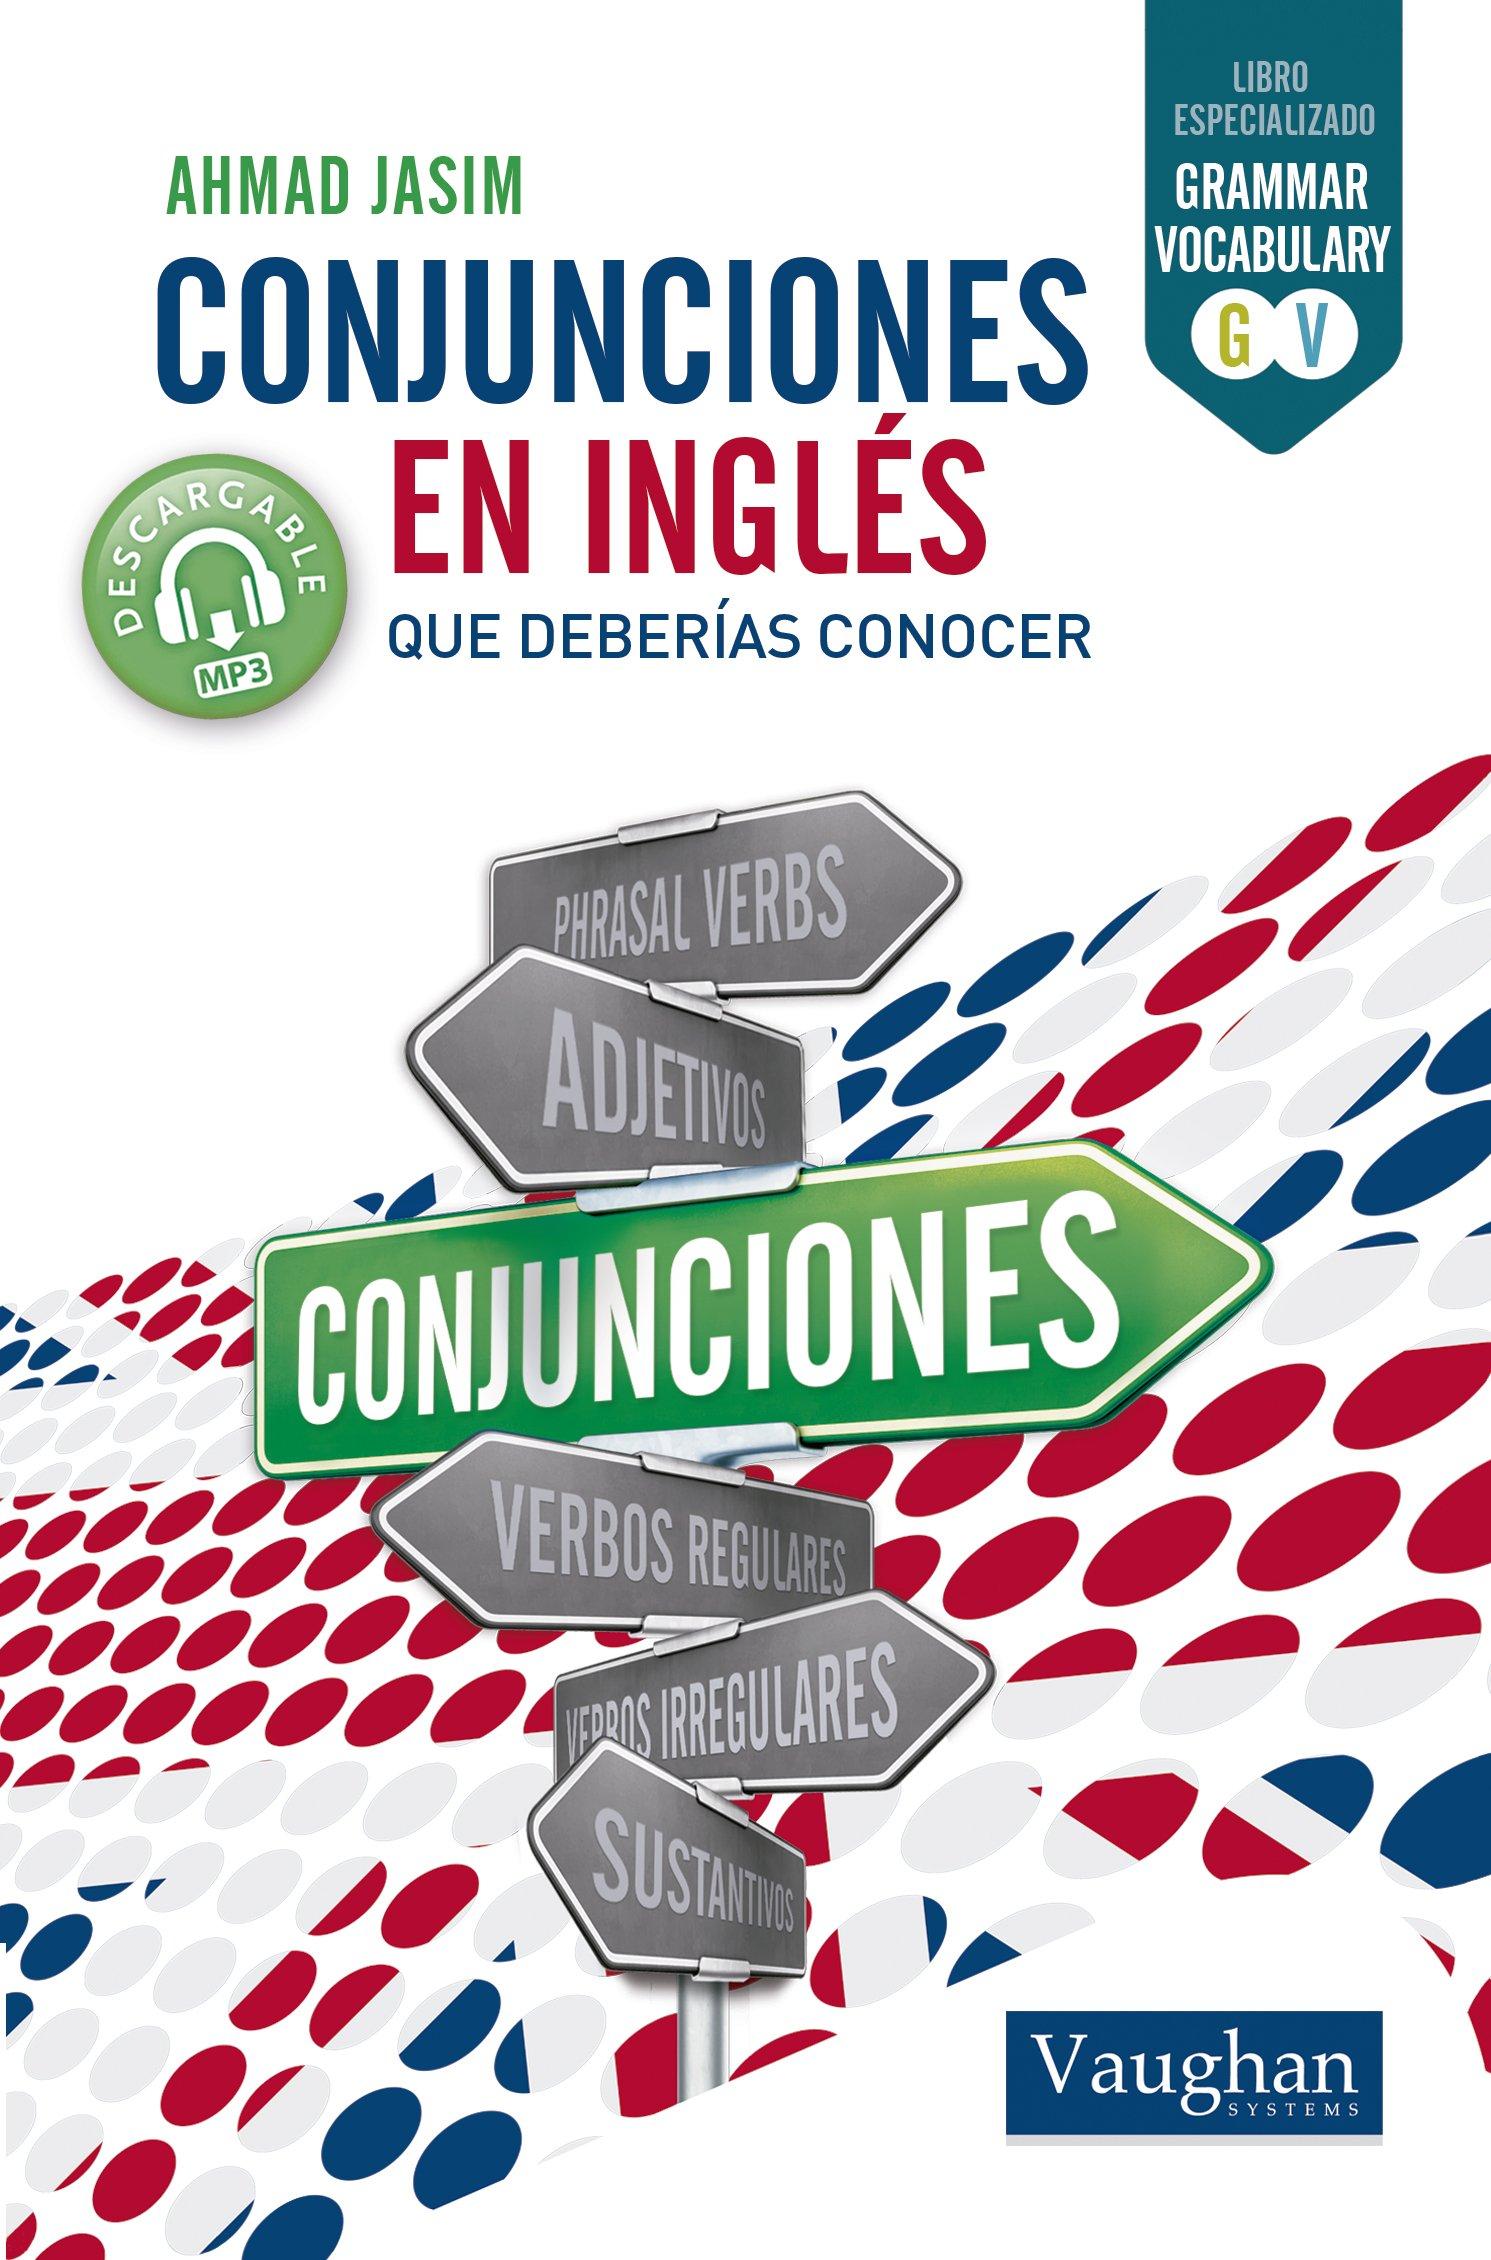 Conjunciones en inglés que deberías conocer